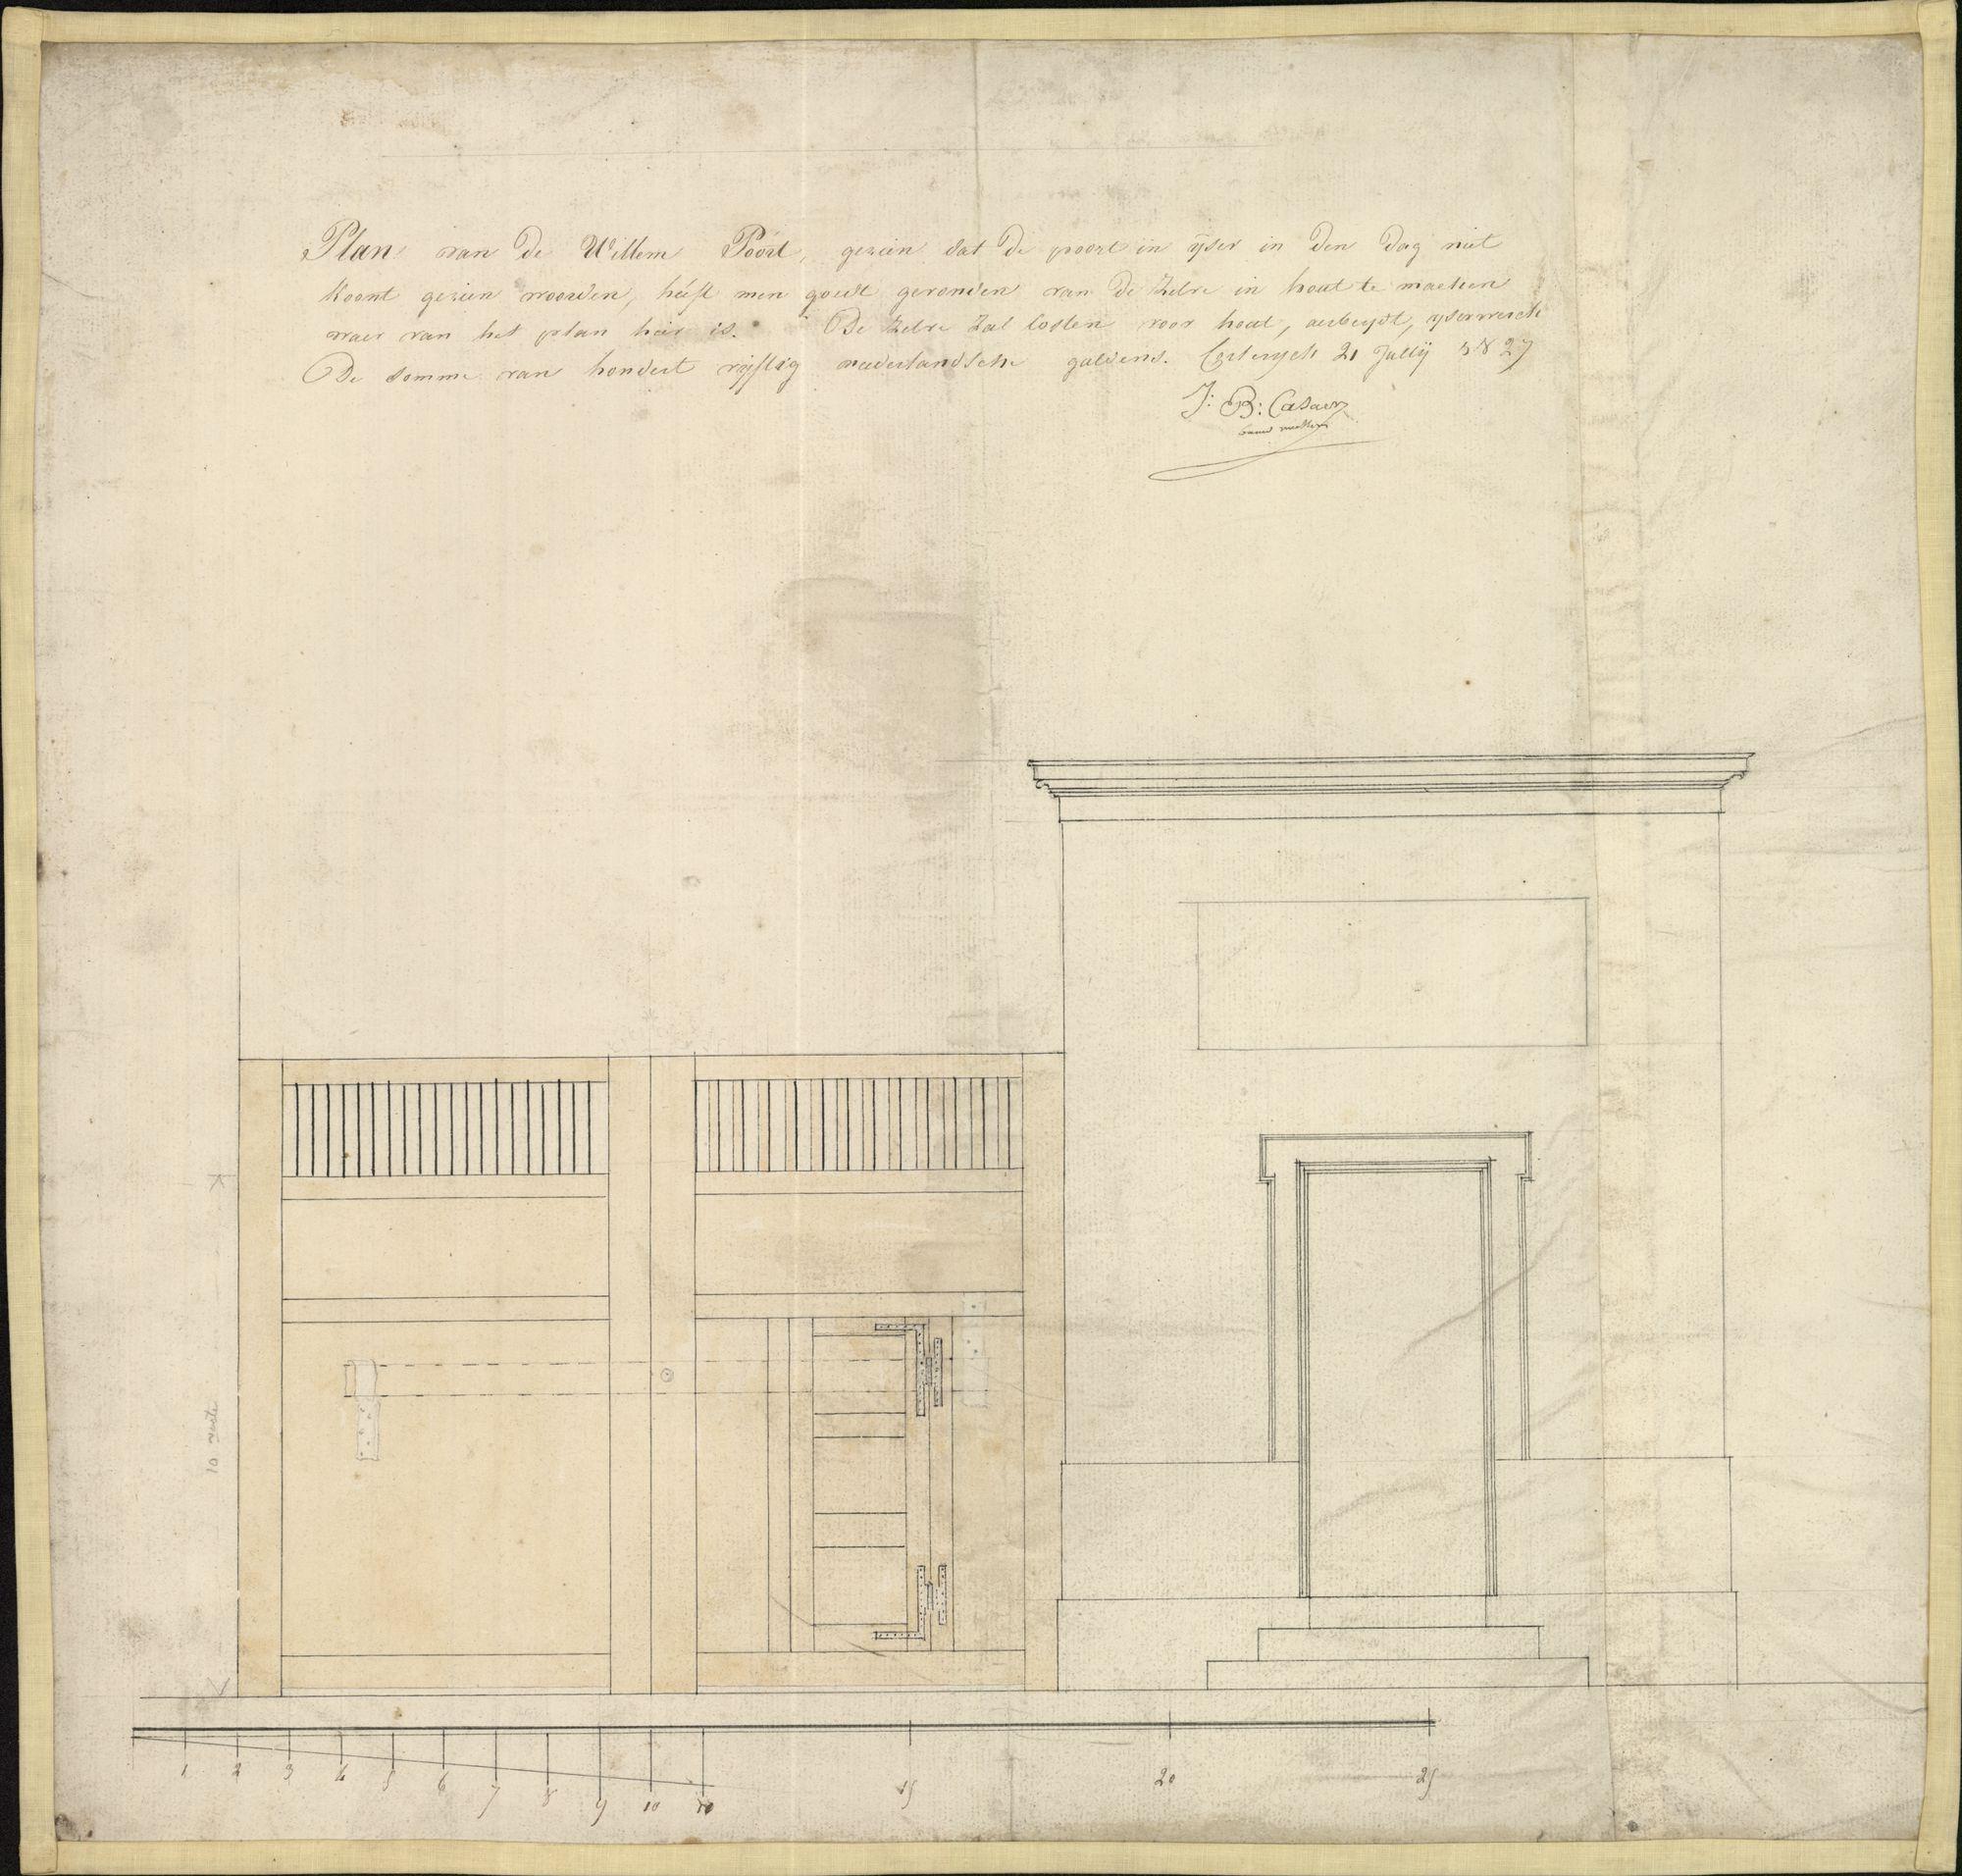 Bouwplan van de Willemspoort te Kortrijk, opgemaakt door J.B. Casaer, 1827